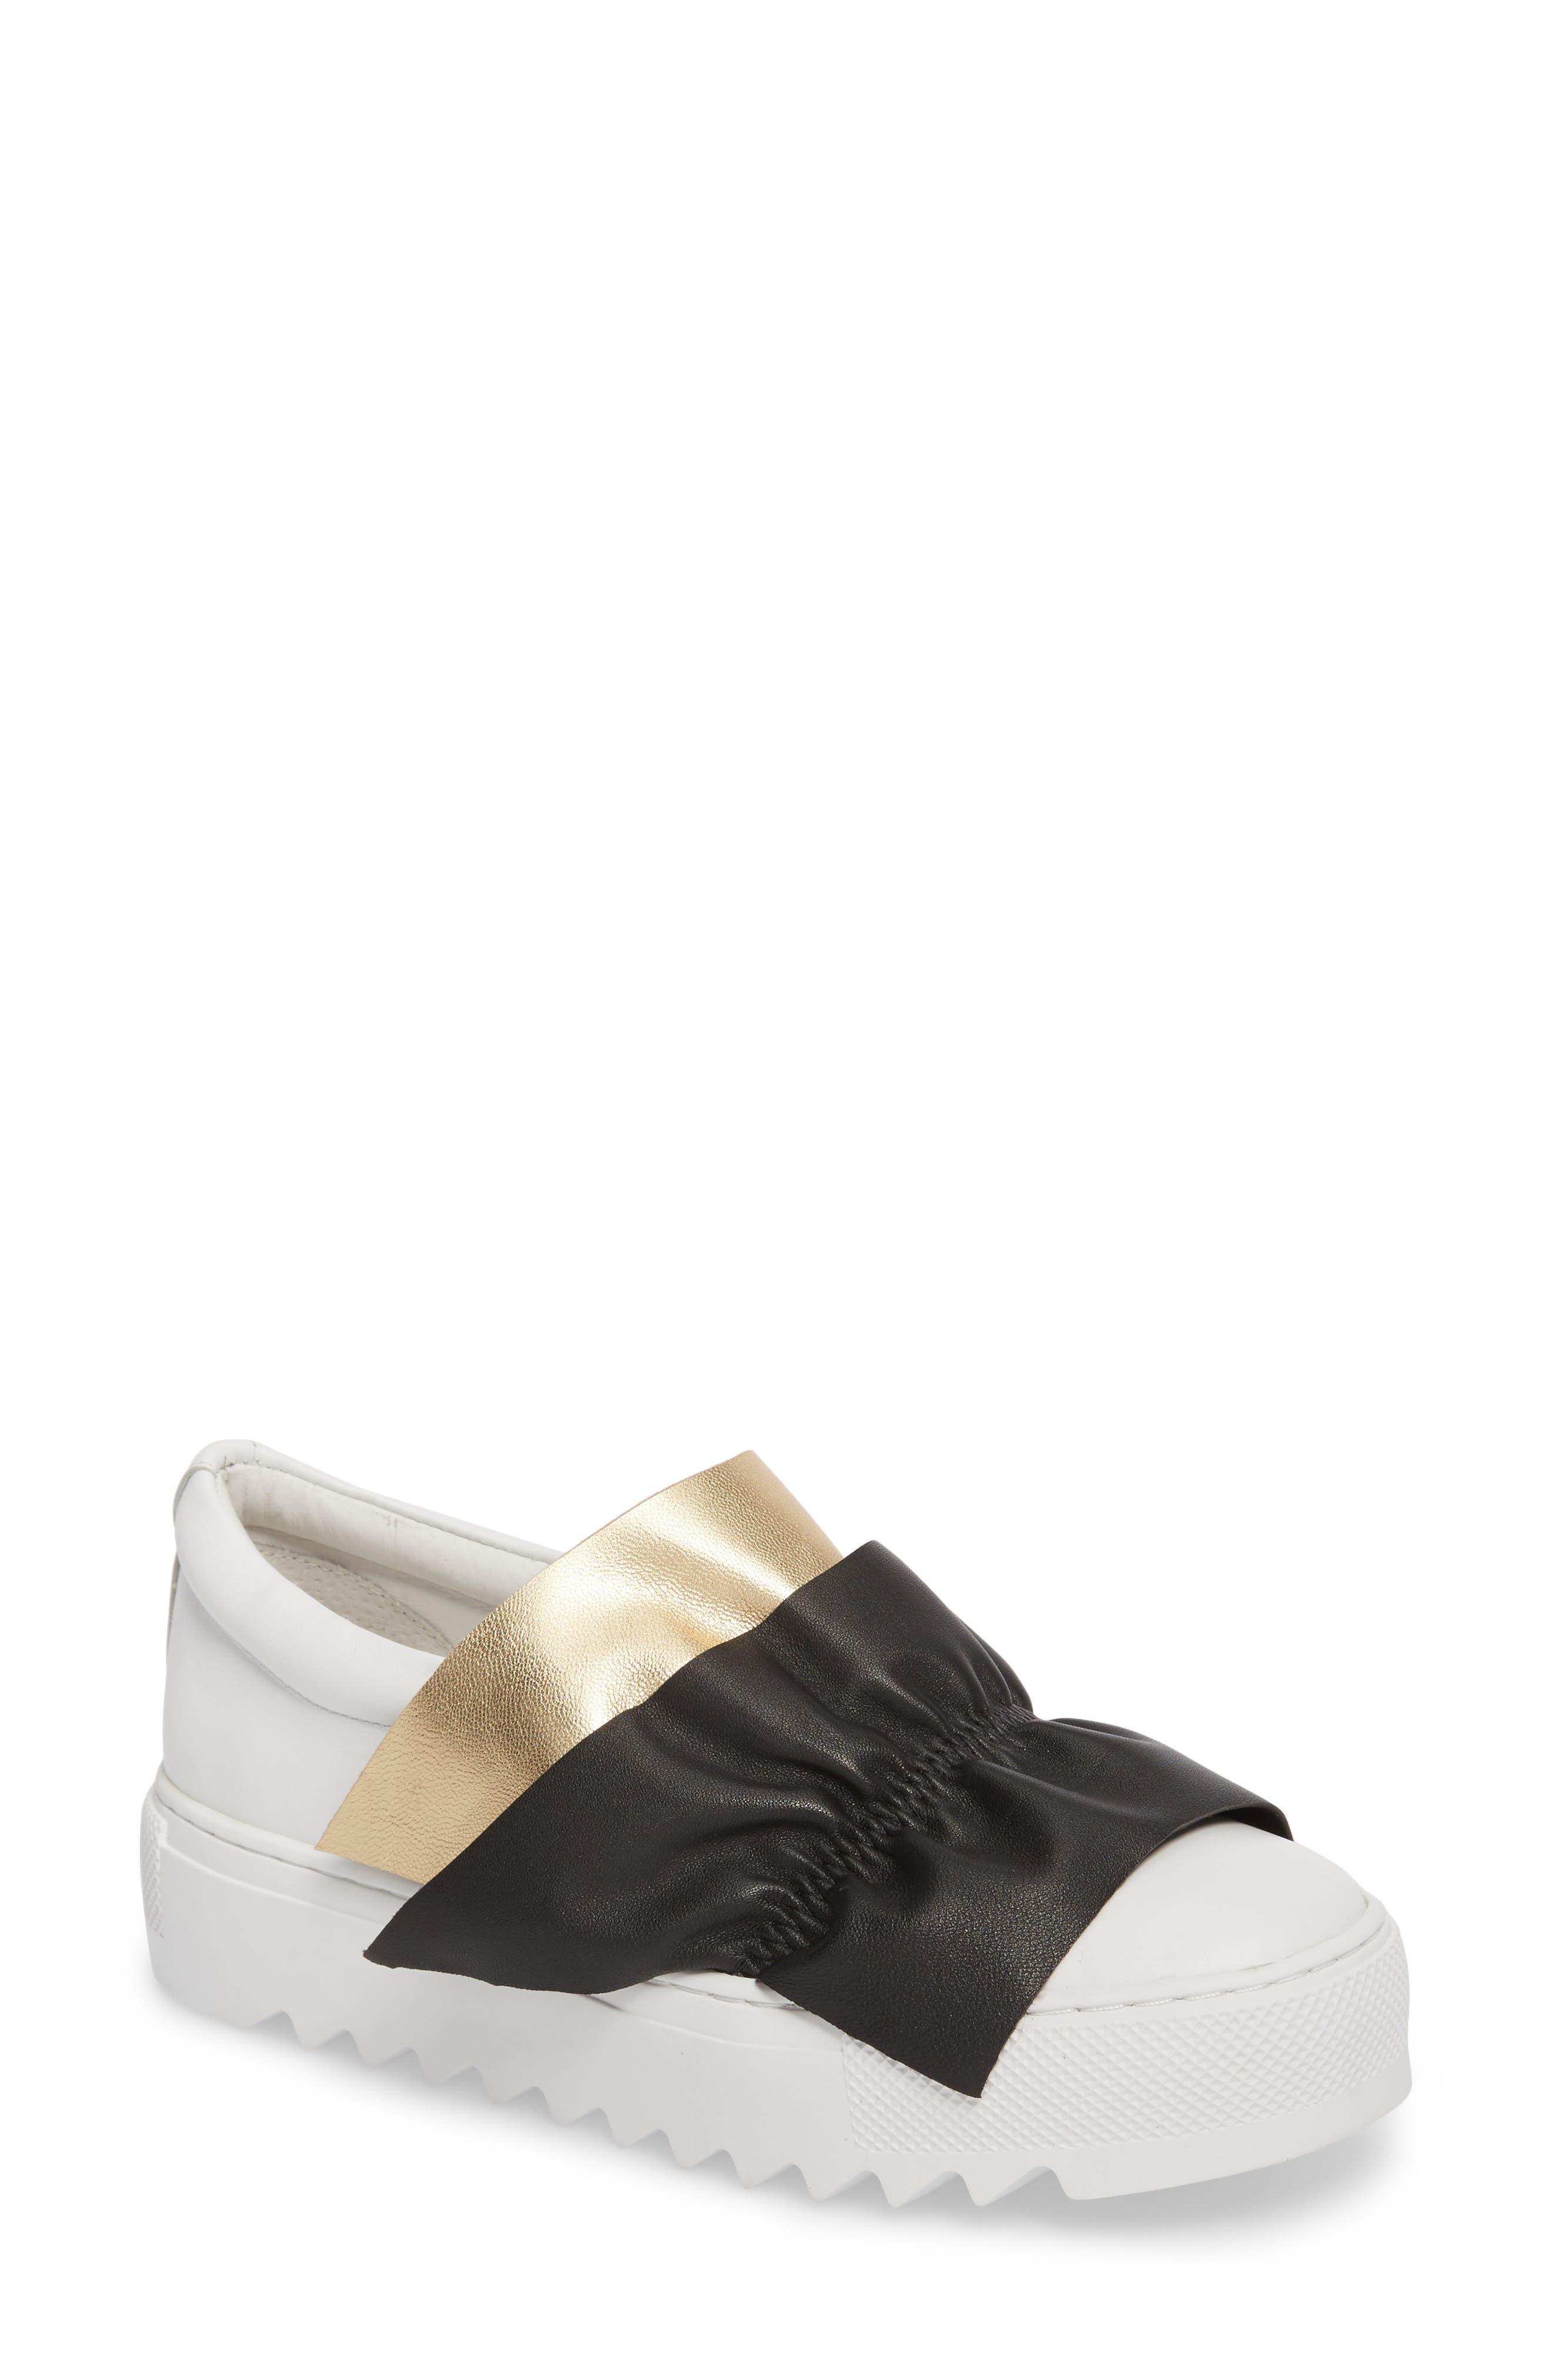 Jslides Sadie Ruffle Platform Sneaker